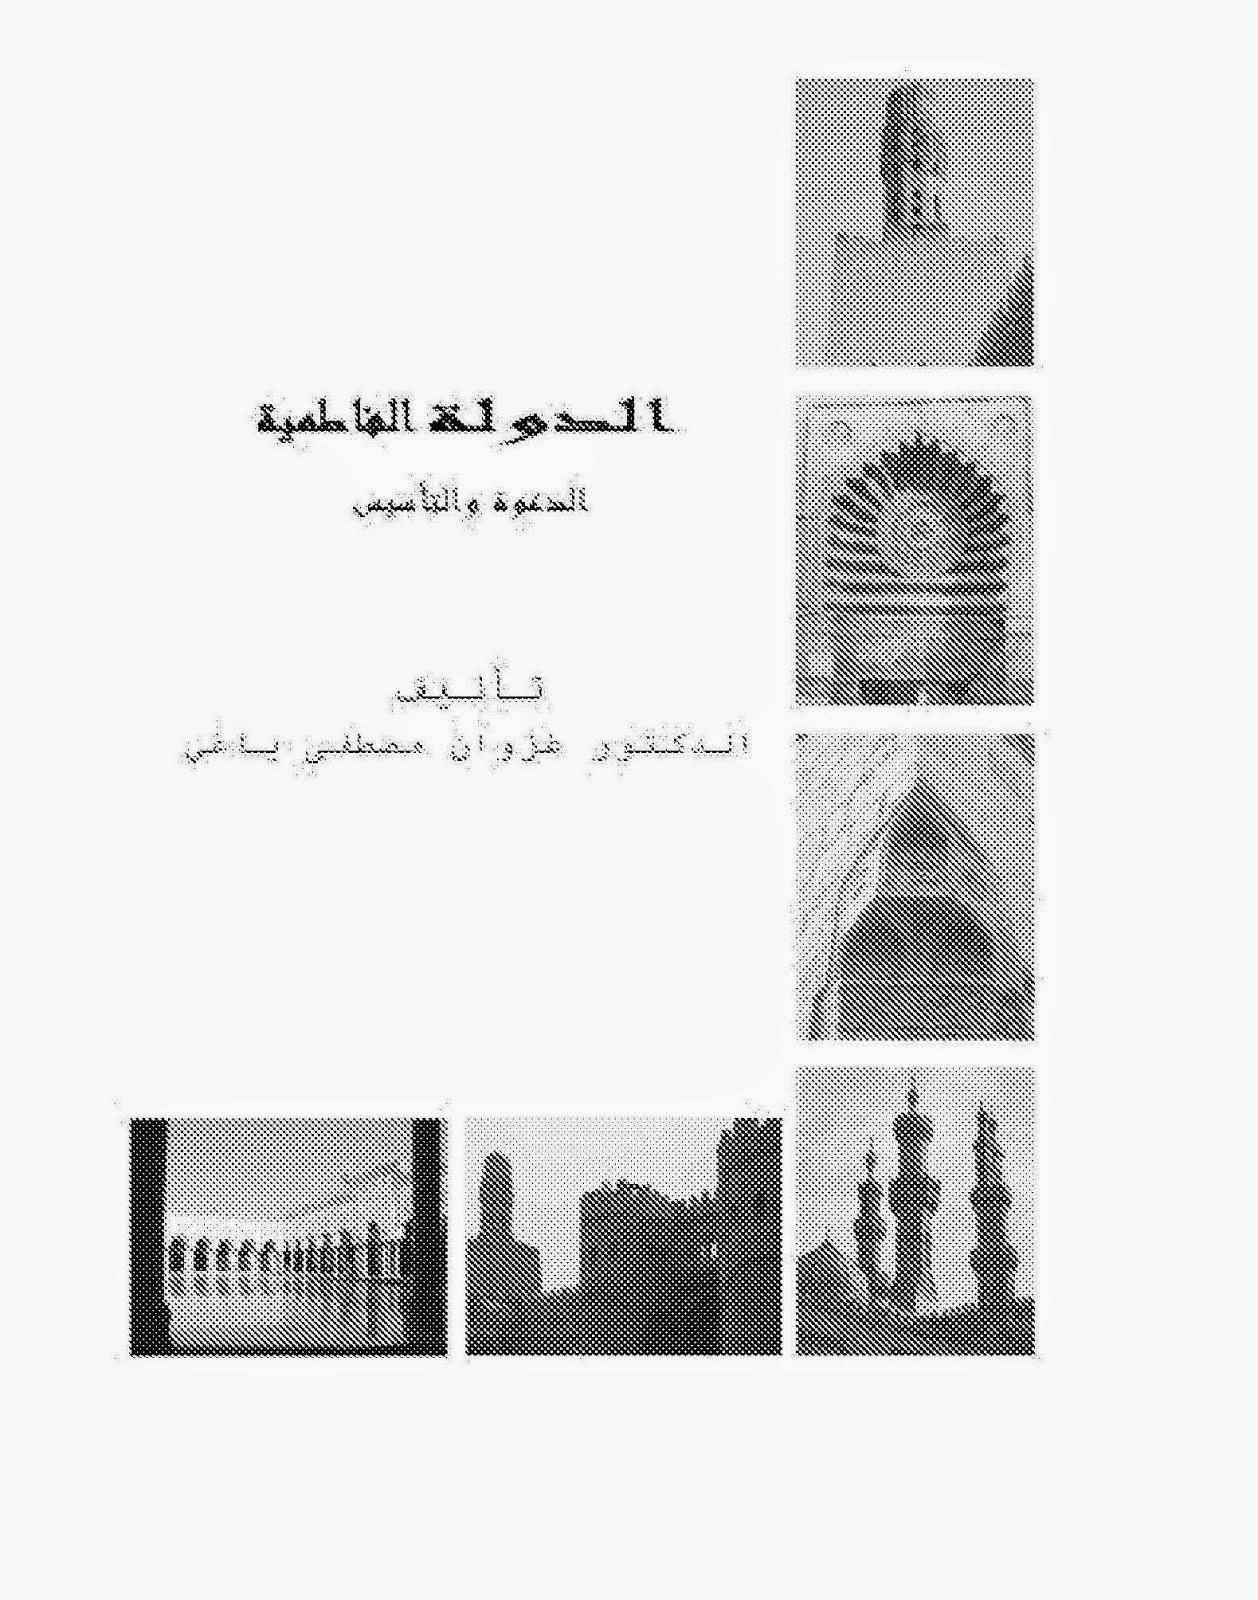 الدولة الفاطمية الدعوة والتأسيس لـ غزوان مصطفى ياغي